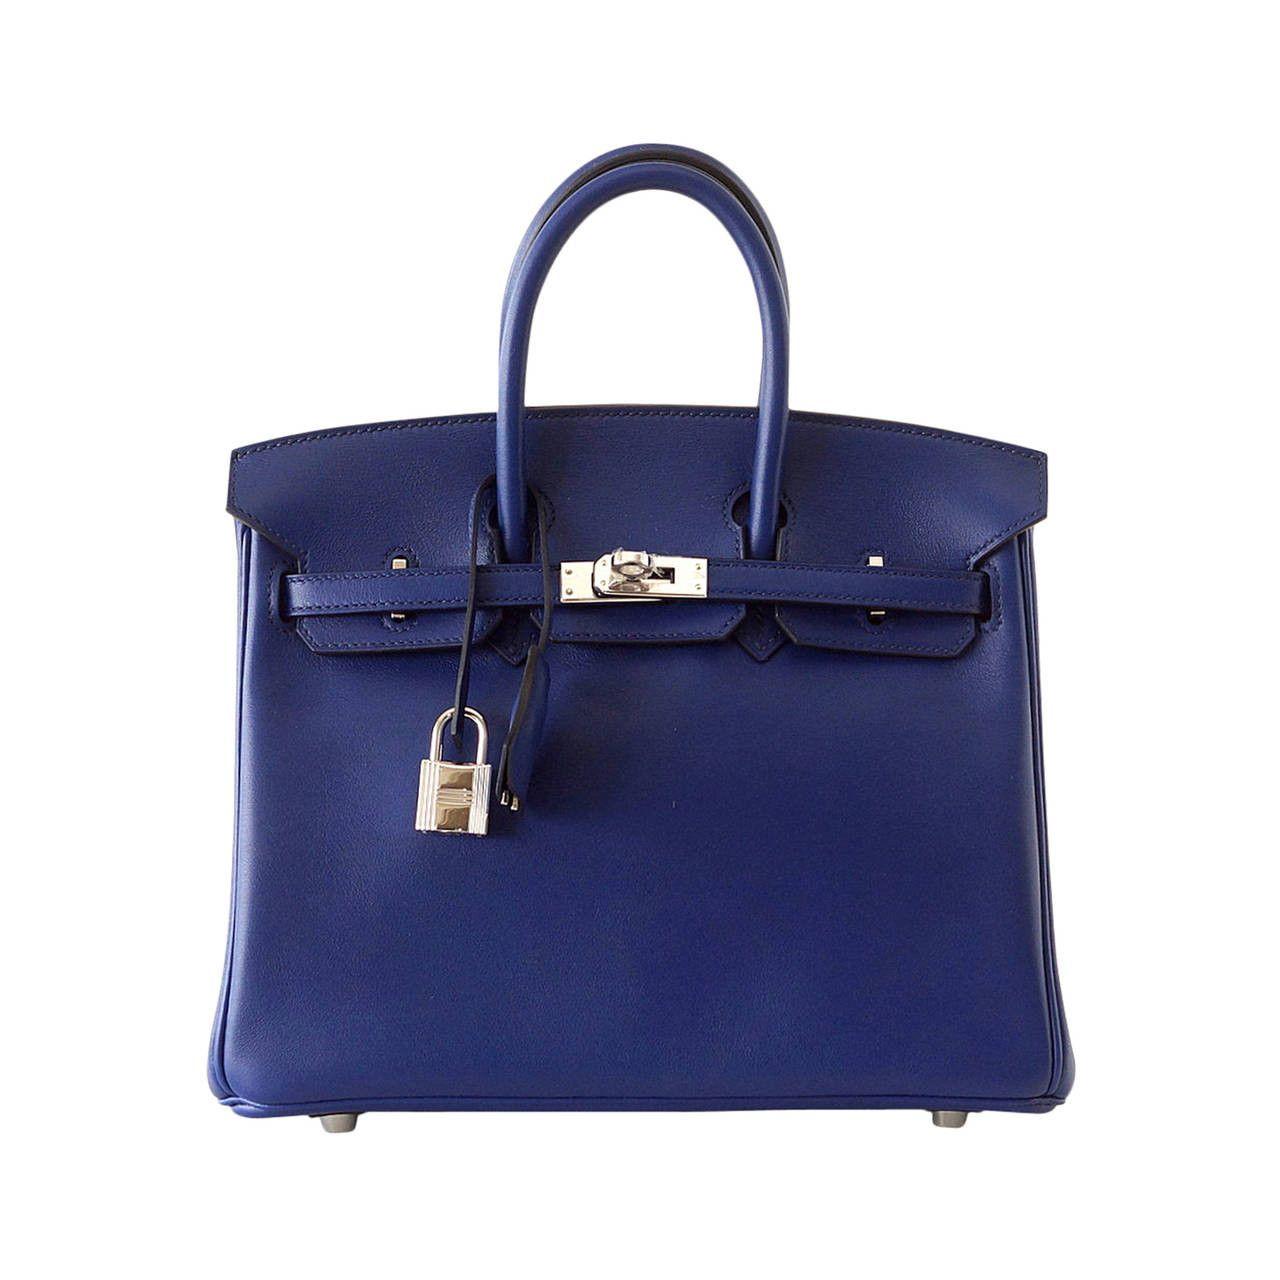 Hermes Birkin 25 Bag exotic BLUE SAPPHIRE (Bleu Saphir) swift palladium f63ed8d74a70c